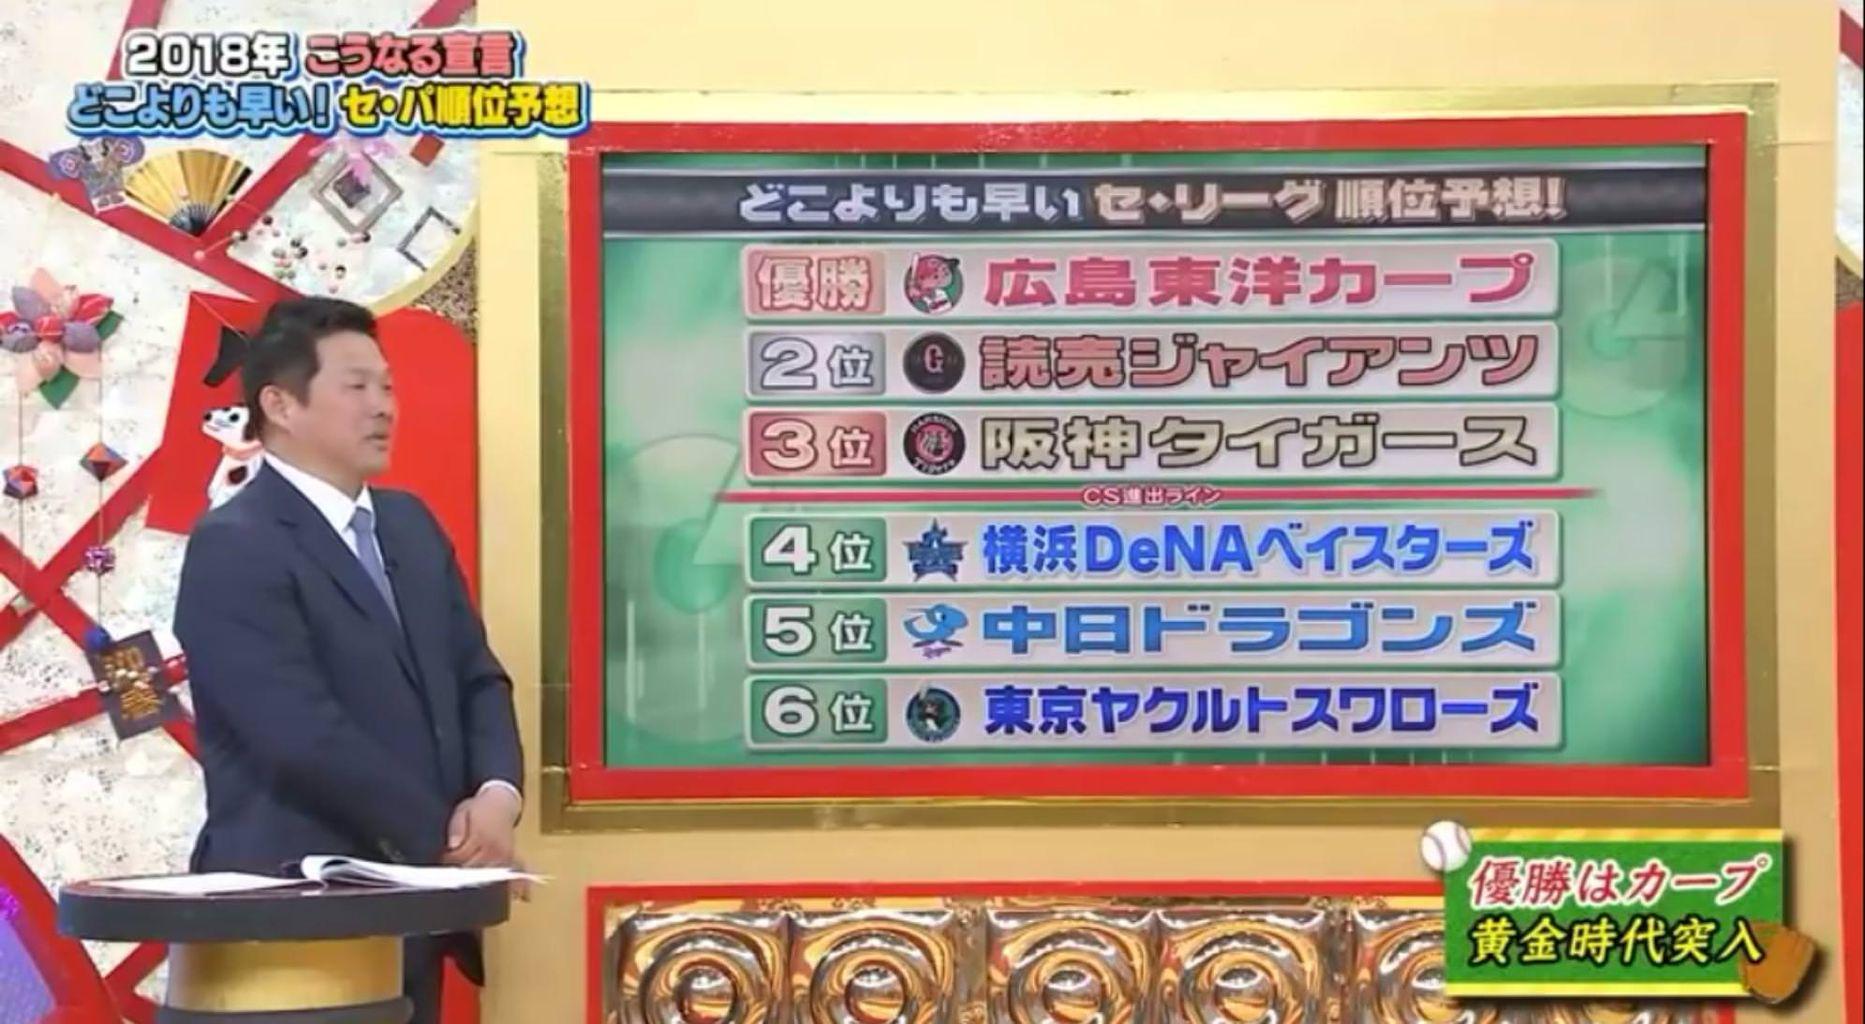 【2018年のペナント予想】山崎武司のプロ野球順位予想となんJ民の順位予想、83%一致する : ニキちゃんねる@おんJなんJ